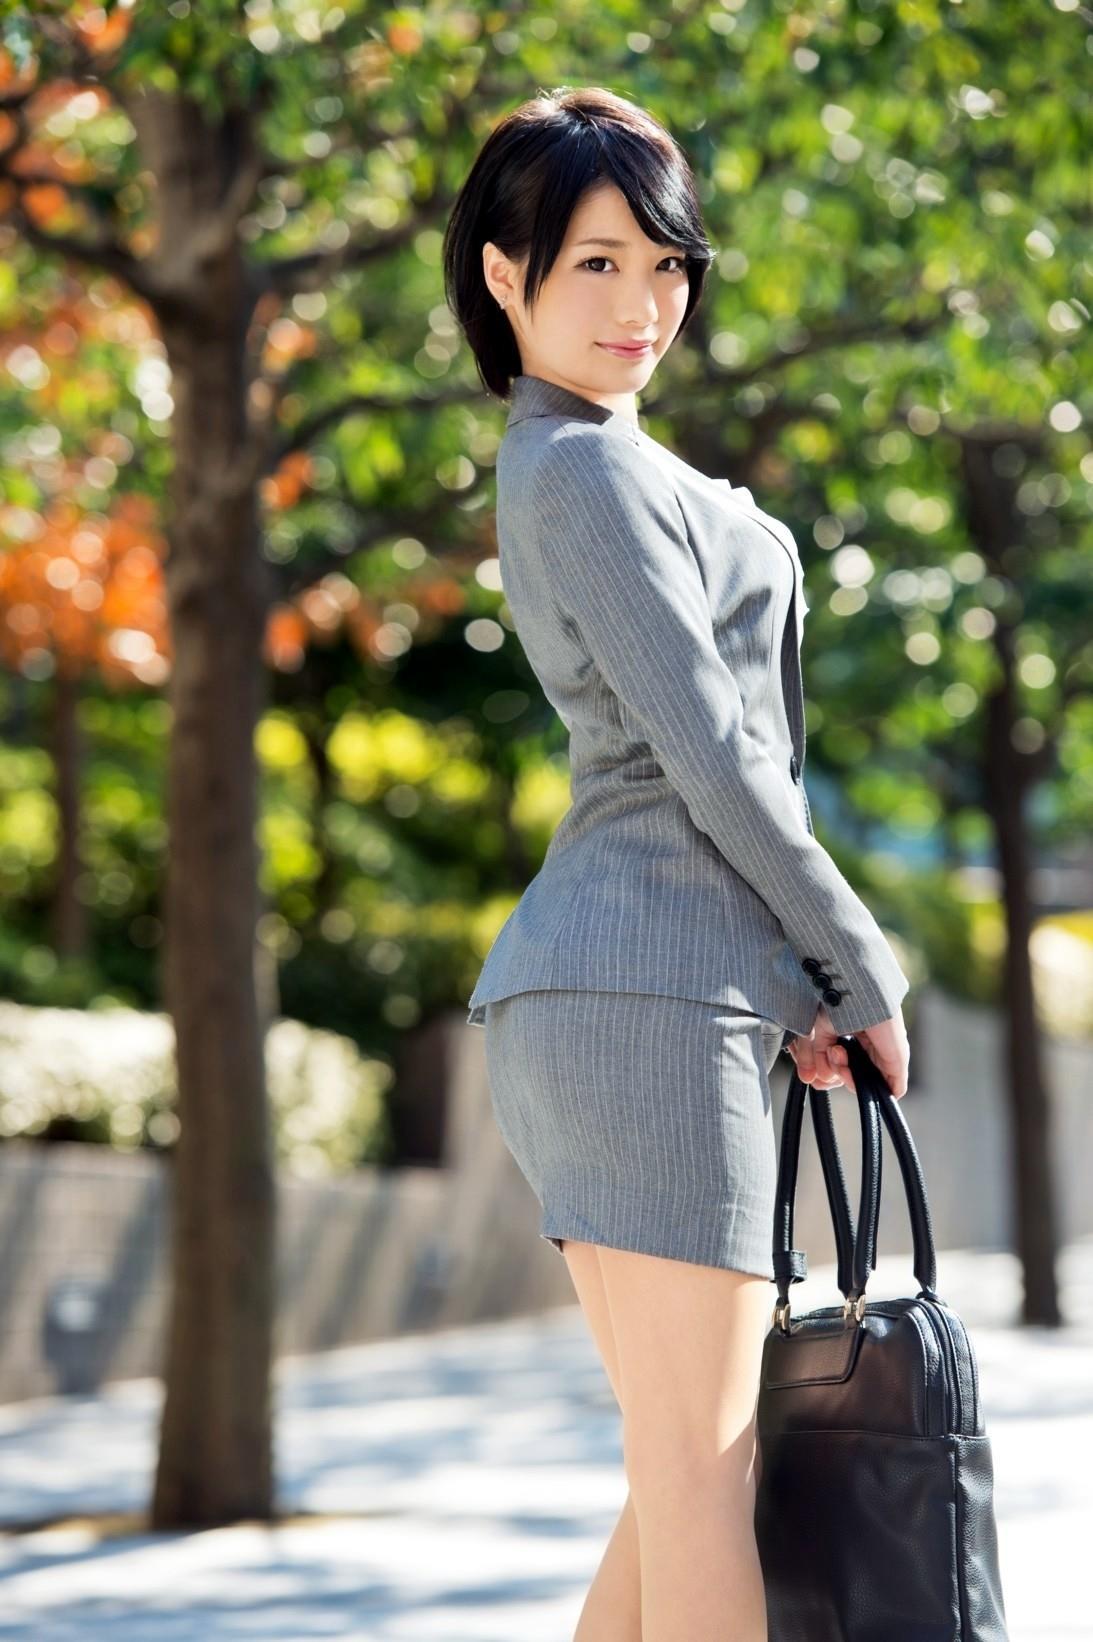 https://img.erogazou-pinkline.com/wp-content/uploads/2015/10/suzumura_airi_428_030.jpg